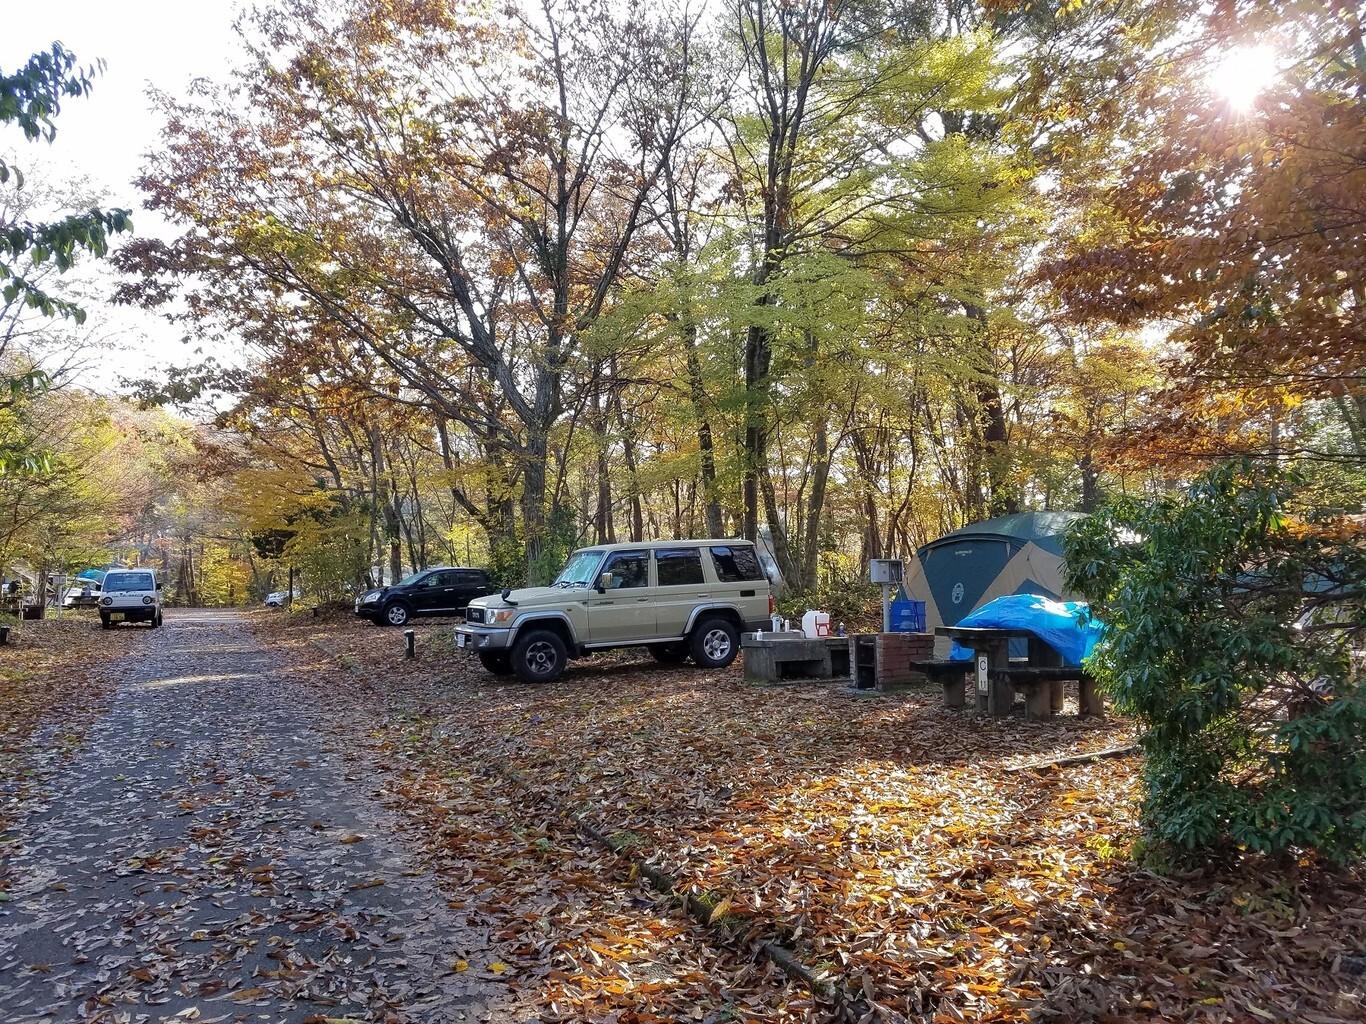 もみのき森林公園オートキャンプ場 の公式写真c11245